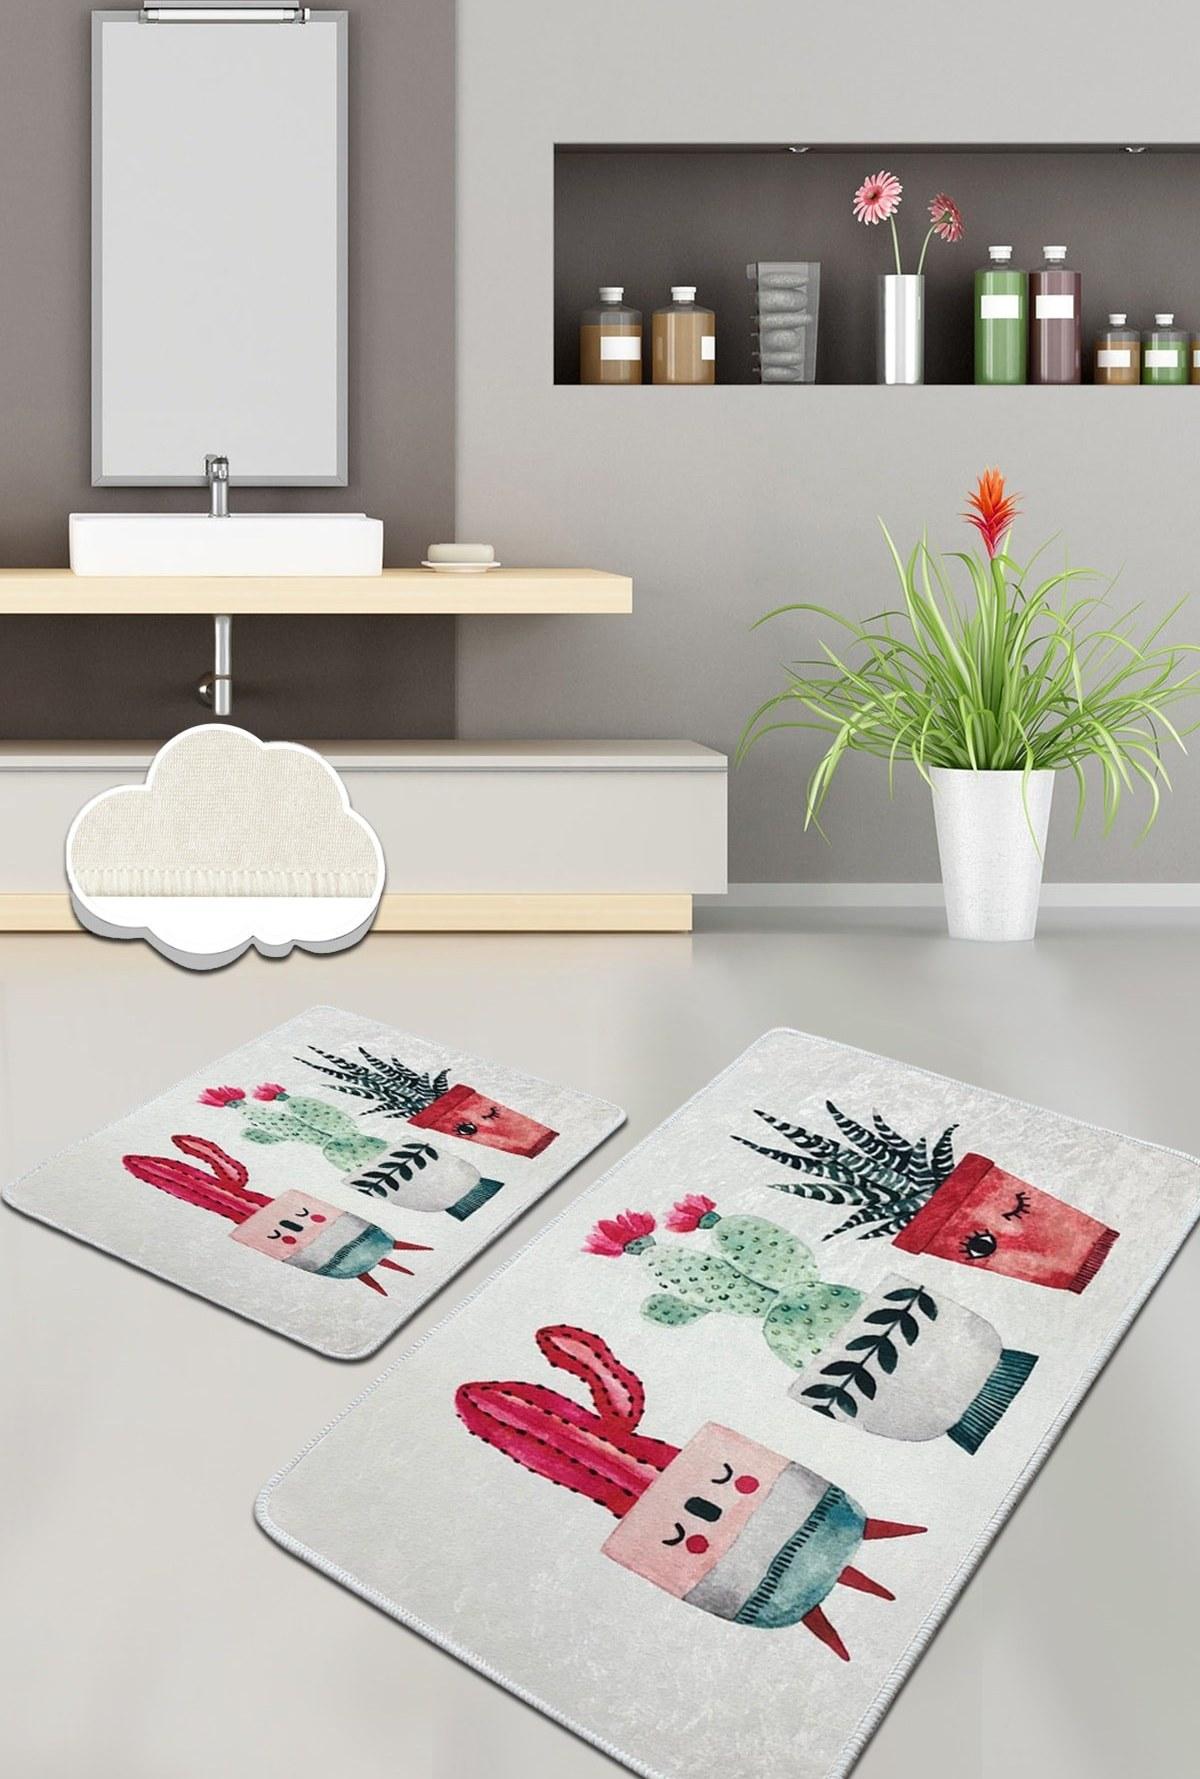 تصویر زیرپایی فرش ست حمام شاد 2تکه کاکتوس برند Chilai Home کد 1618894054